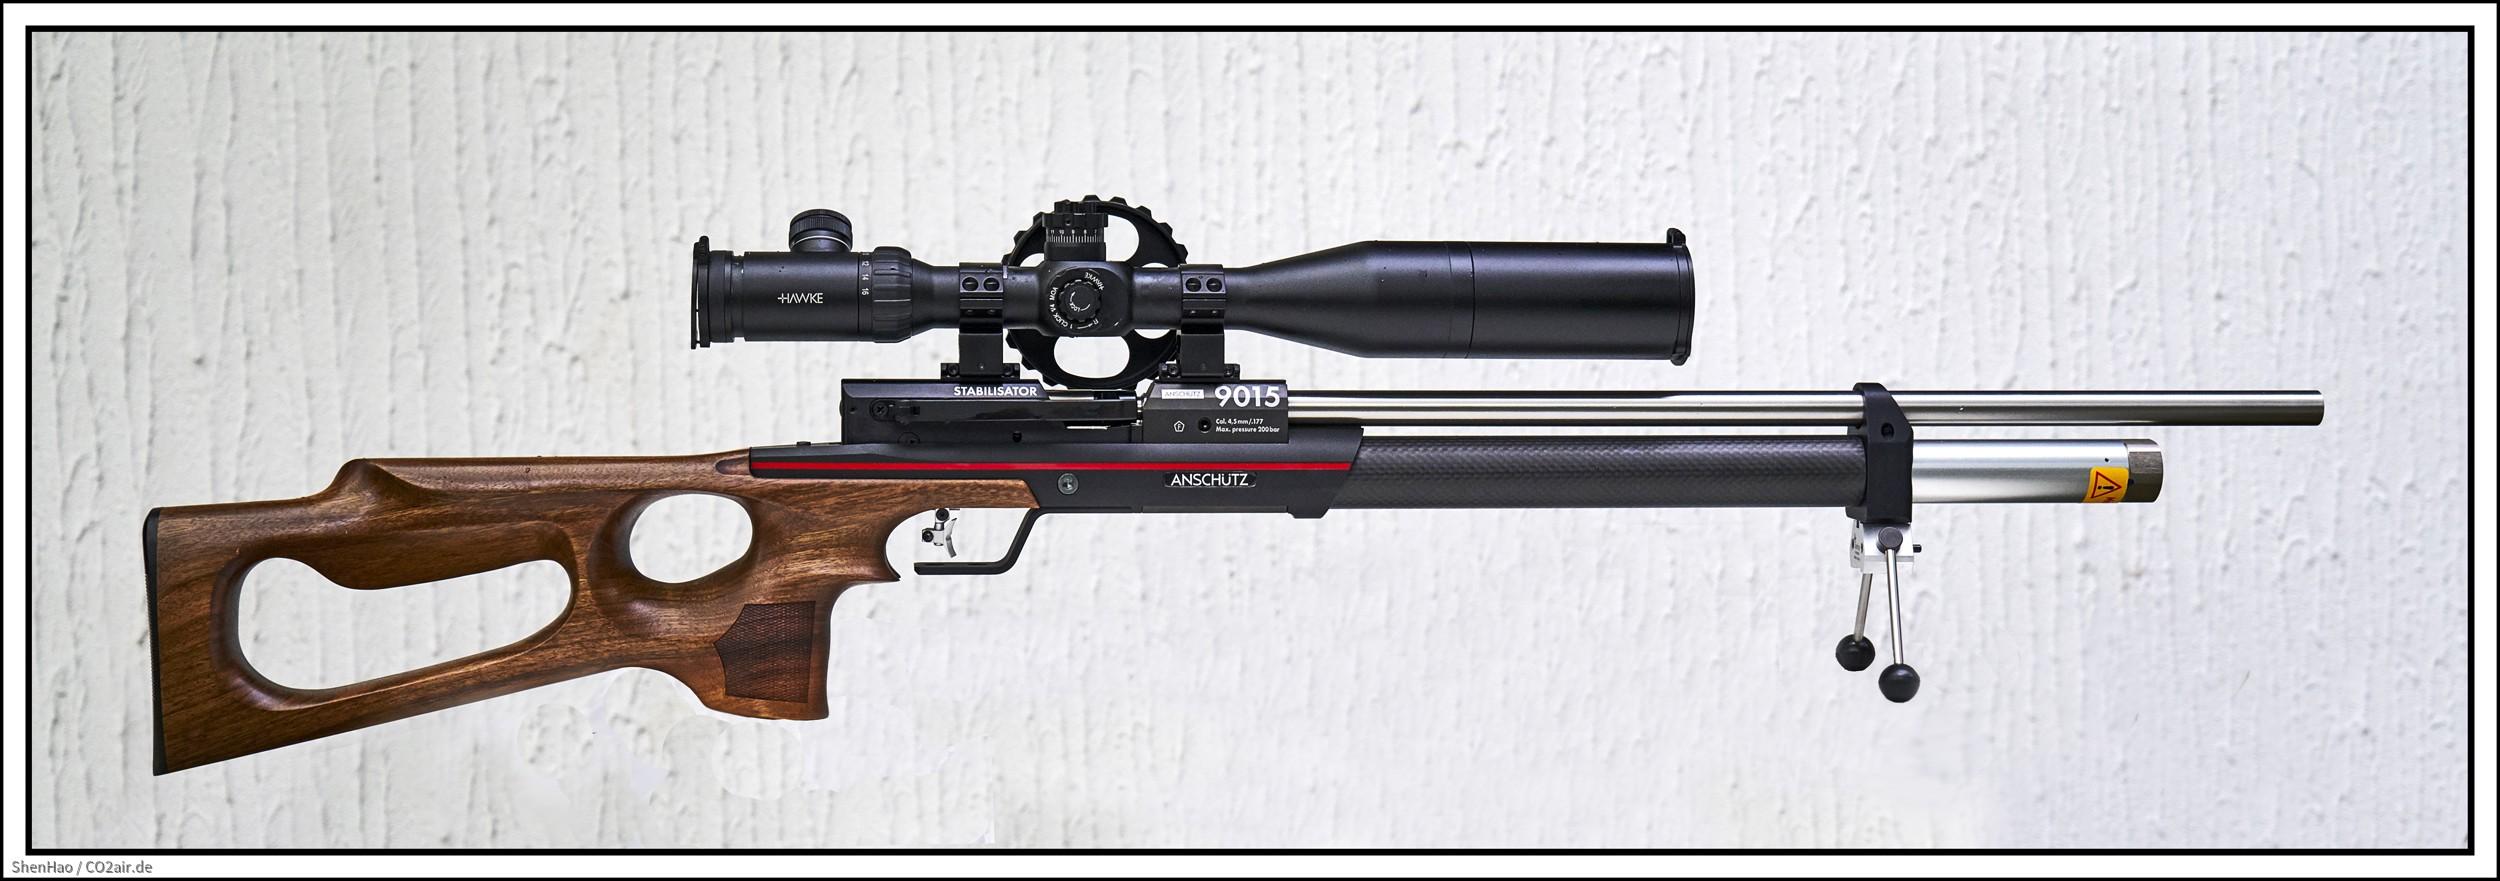 Anschütz 9015 ONE Hunting mit Hawke ZF #13310, 4-16X50,  Airmax 30 SF,  MEC Bi-pod